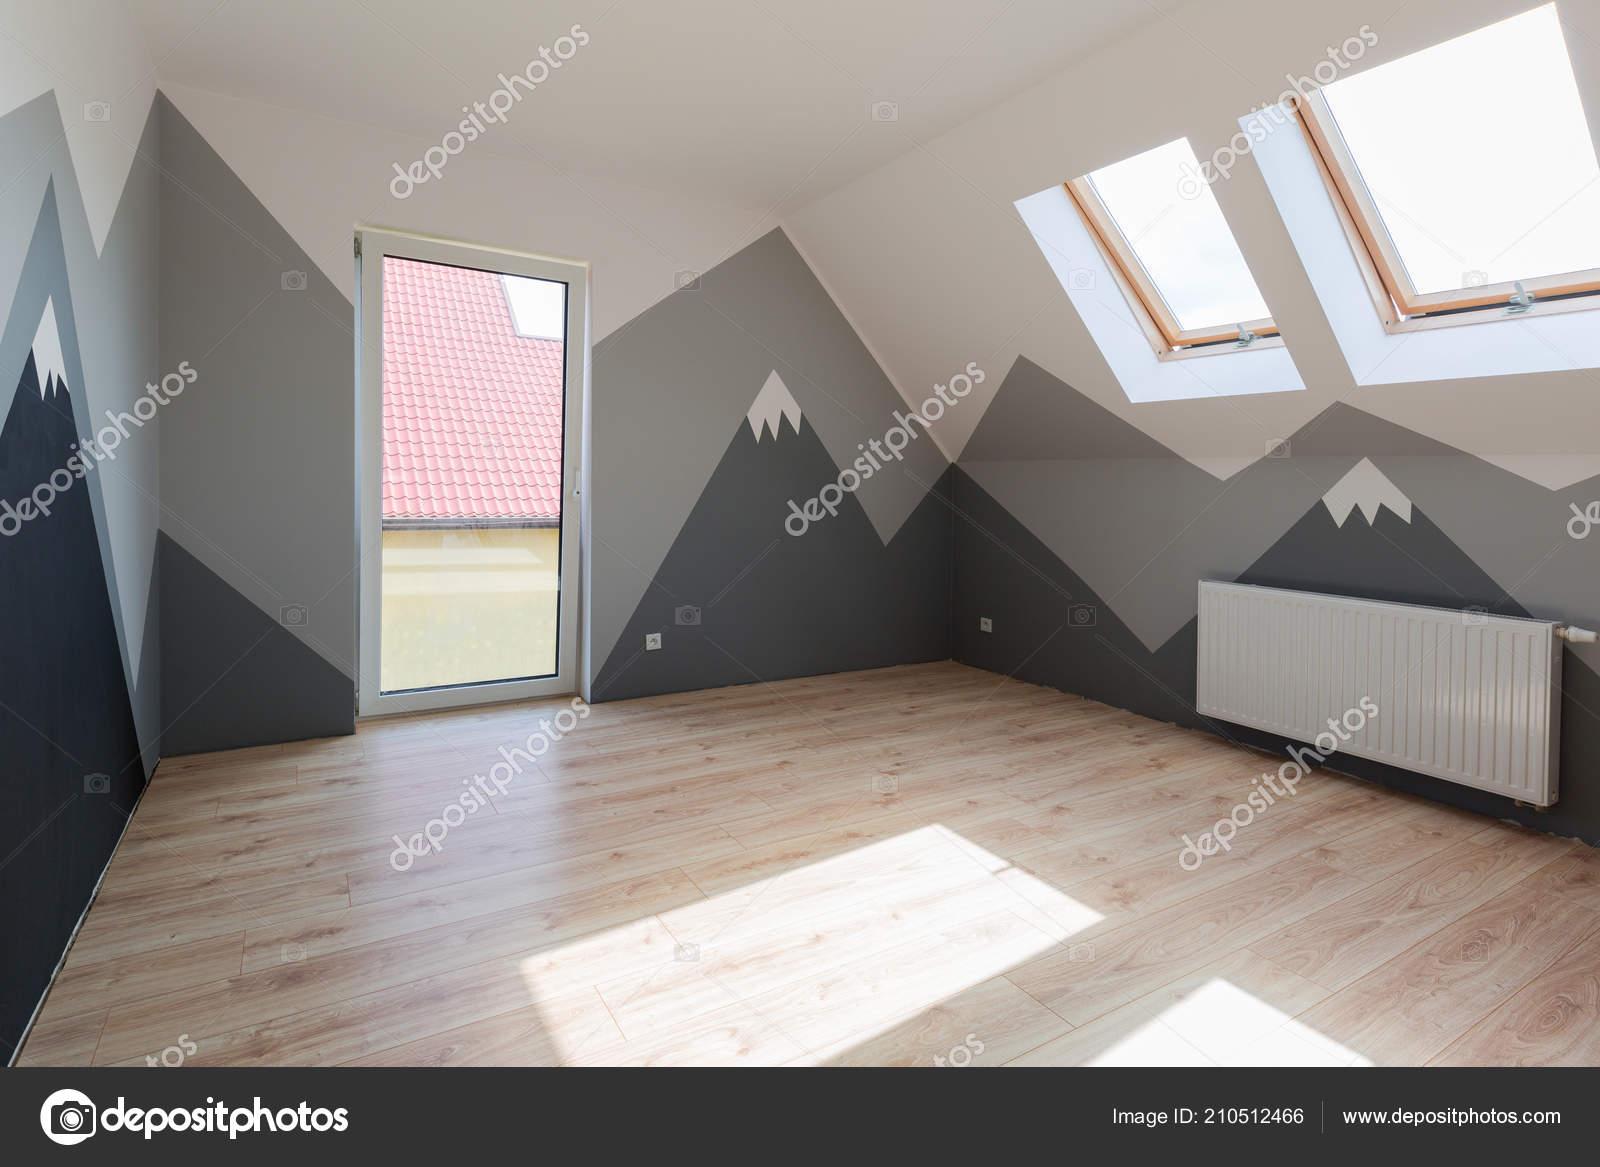 Vernici Cameretta Bambini : Camera letto bambini con vernice montagne nuovo pavimento laminato